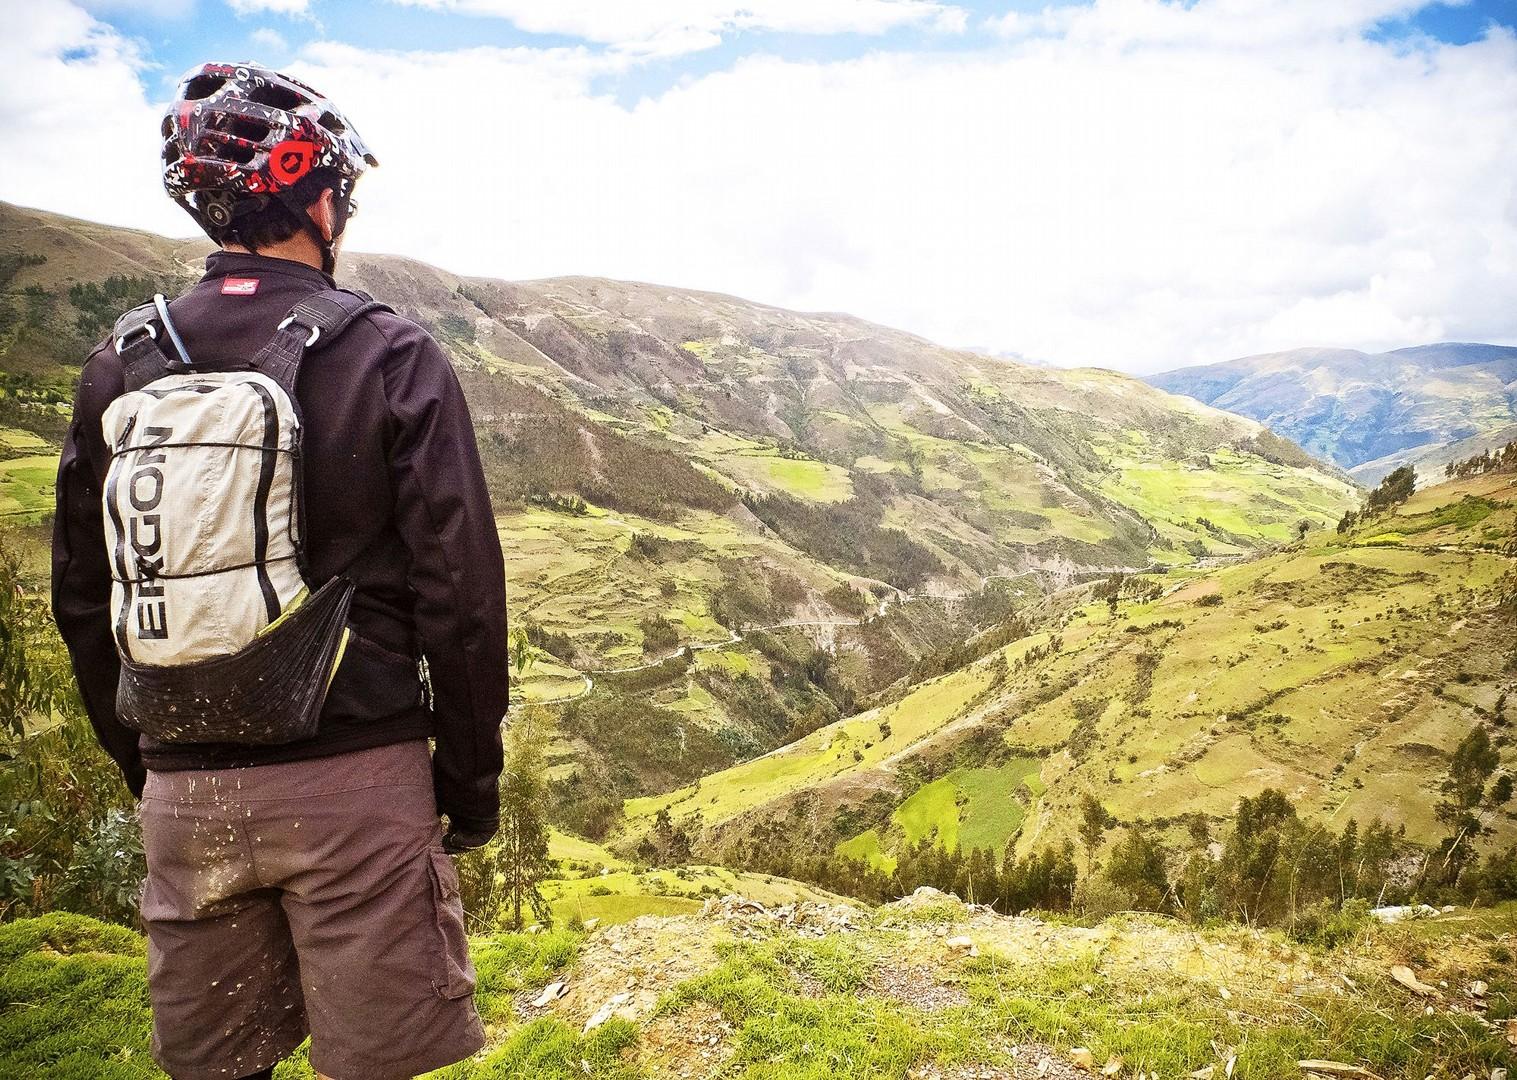 machu-picchu-guided-mountain-bike-holiday-in-peru.jpg - Peru - Andean Journey - Guided Mountain Bike Holiday - Mountain Biking